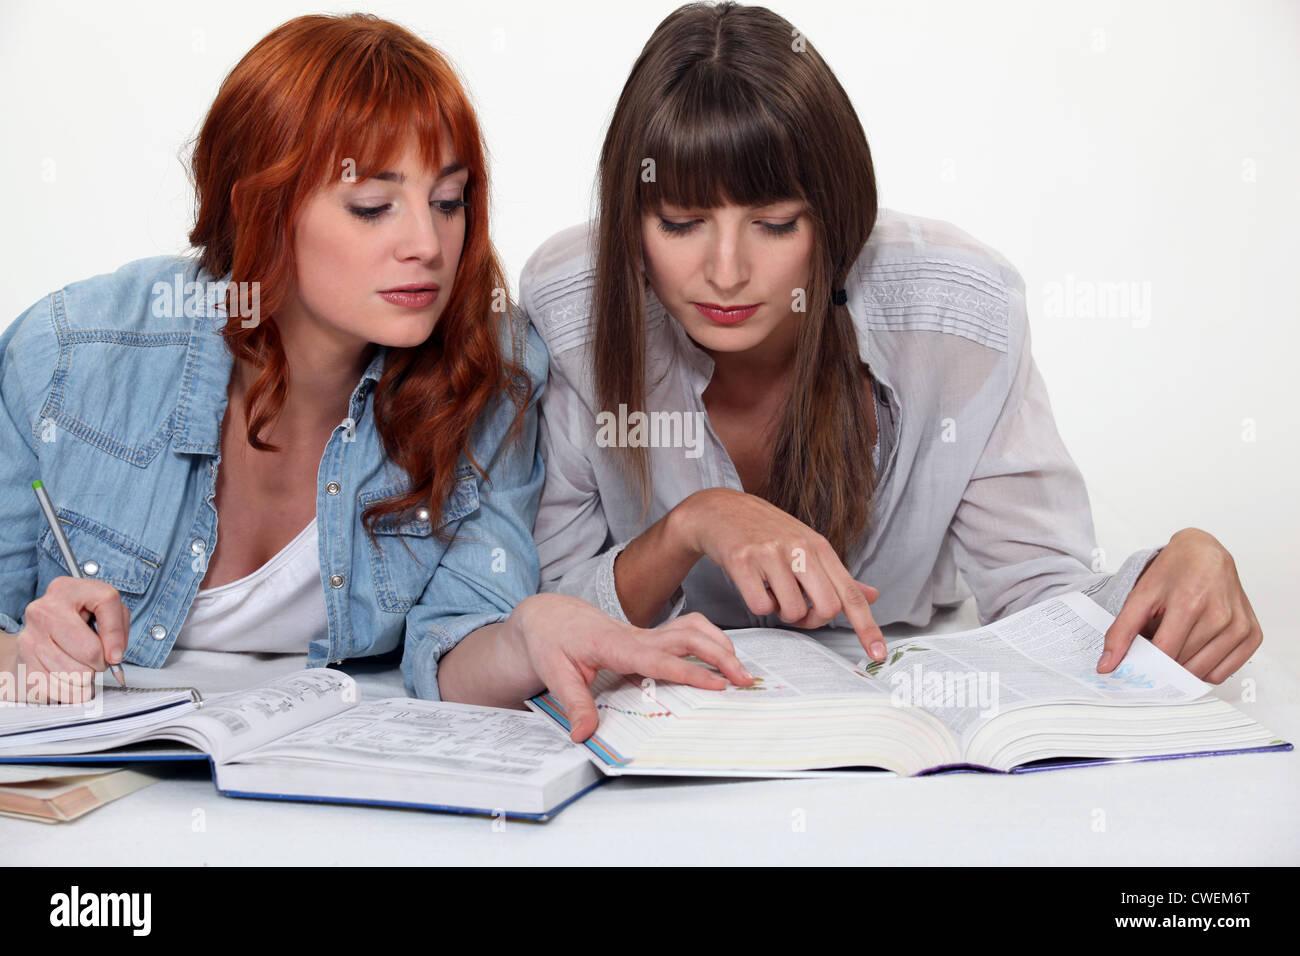 Girls studying - Stock Image